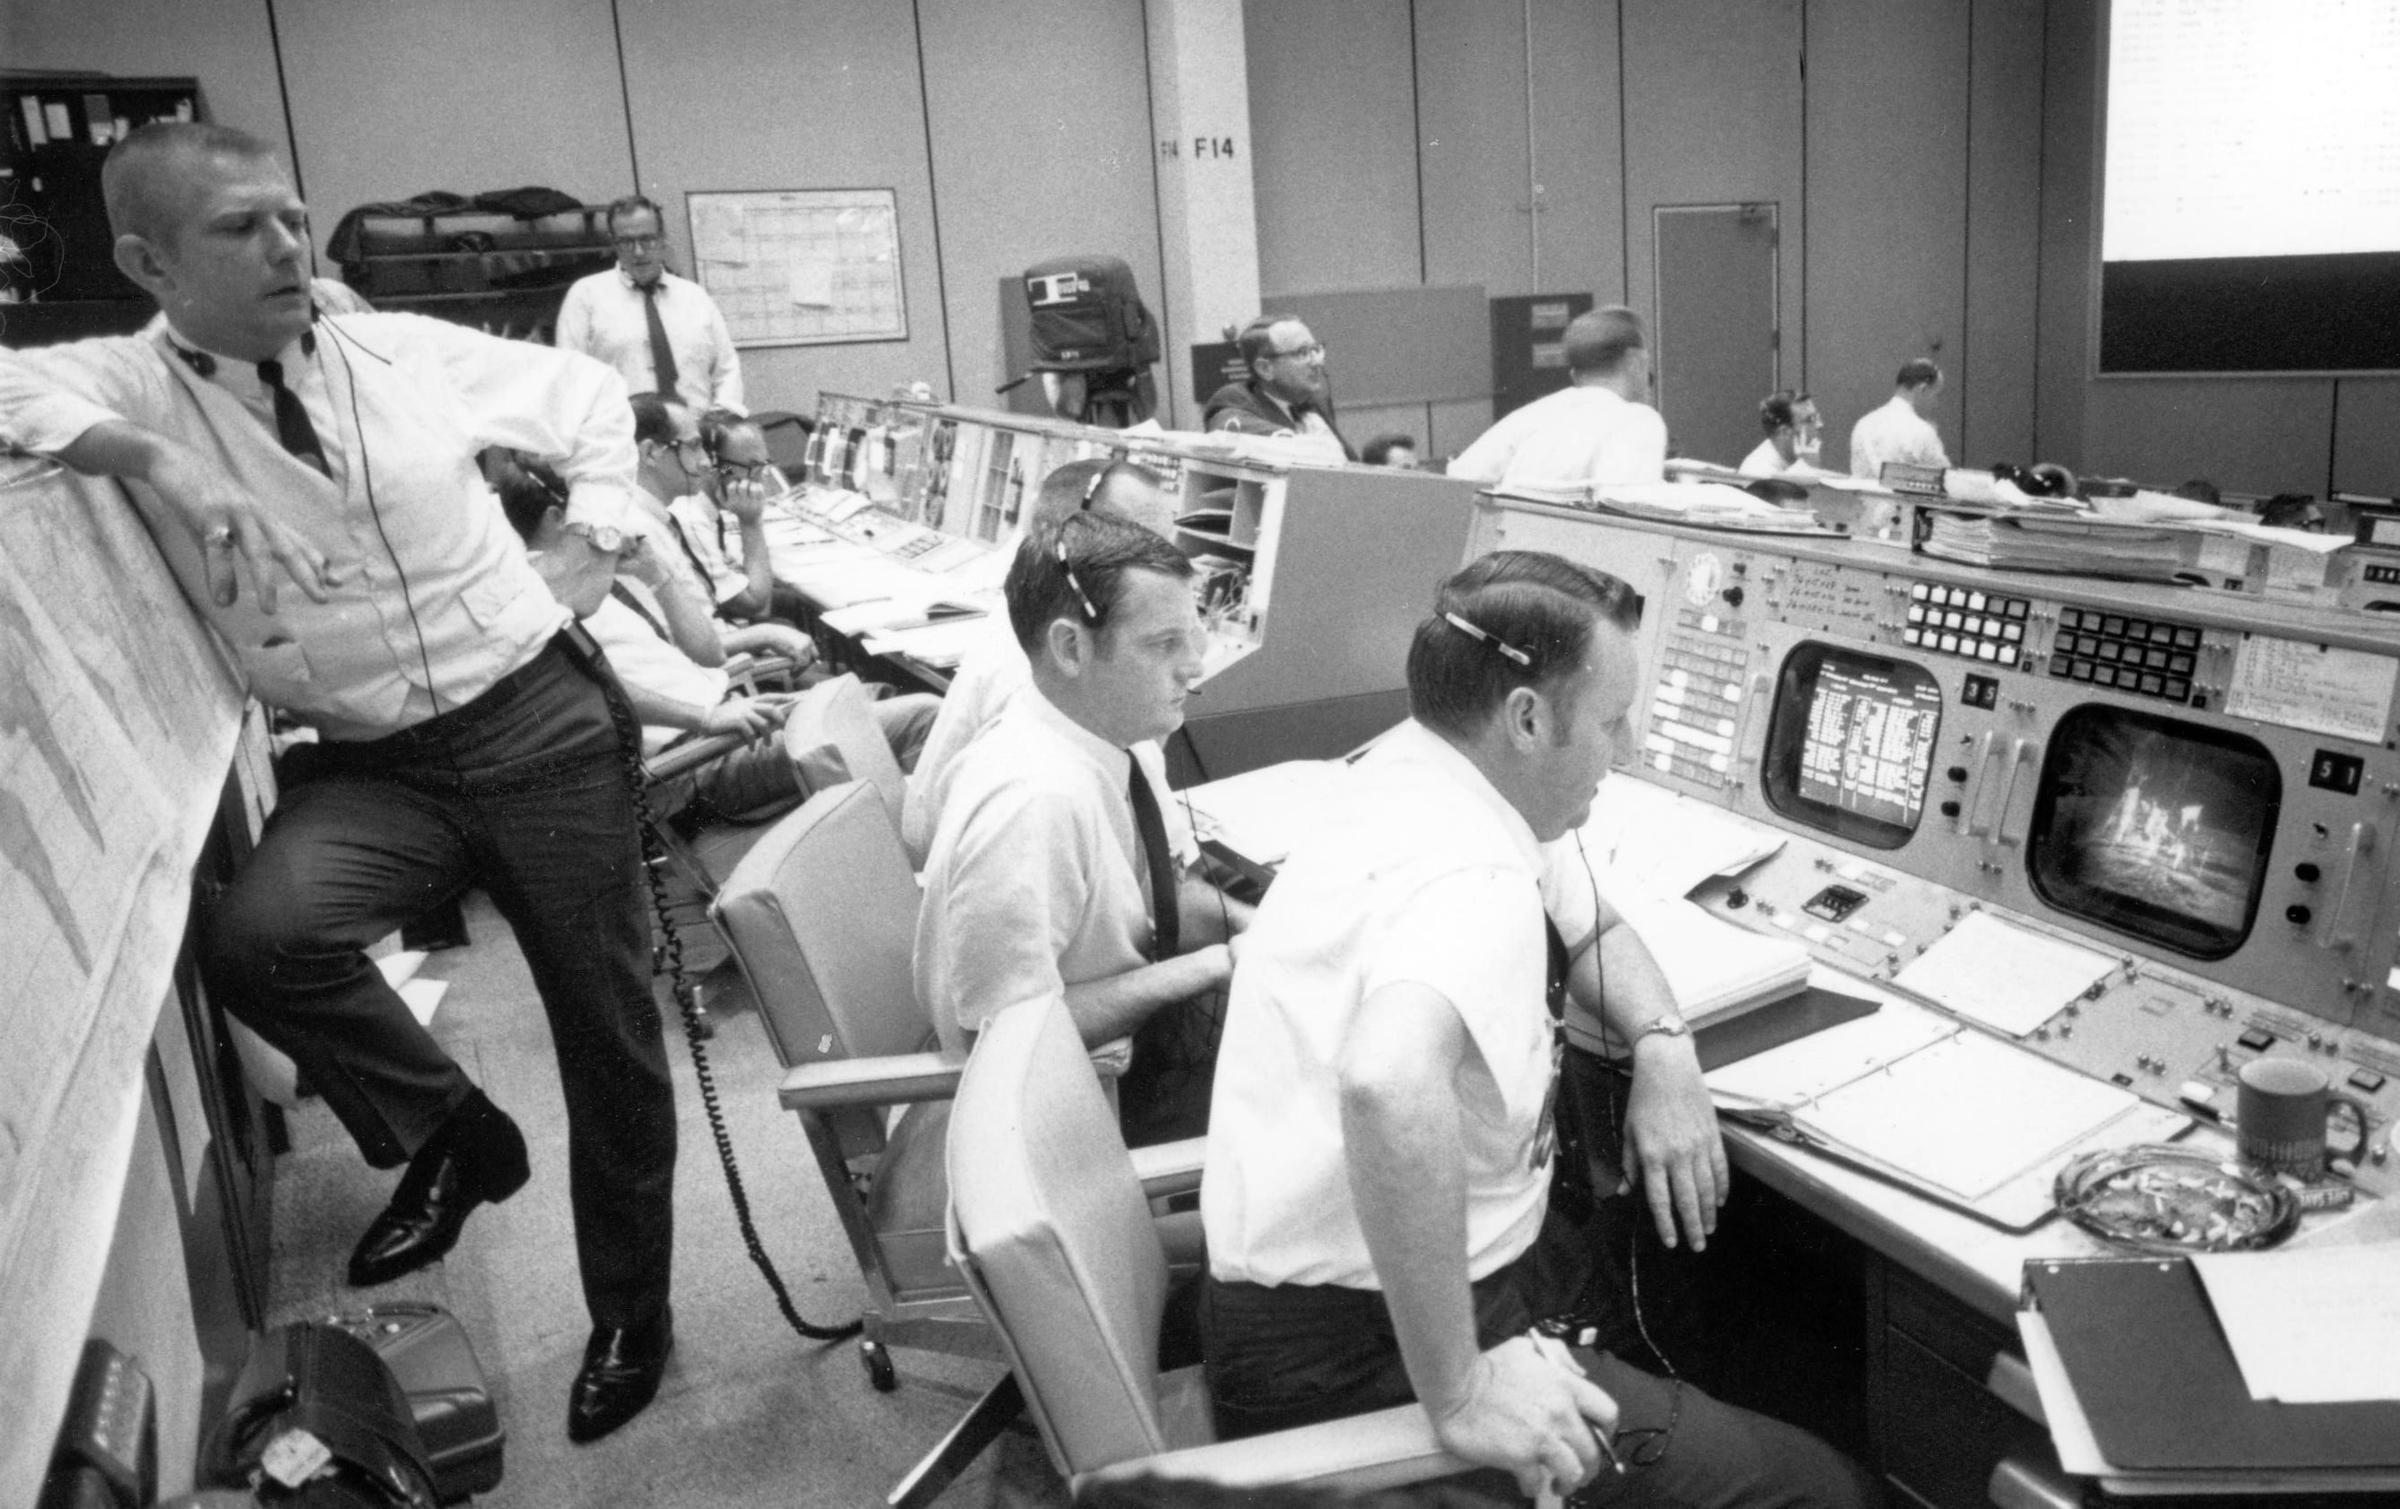 Apollo 13 Mission Control Movie White Vest - Pics about space